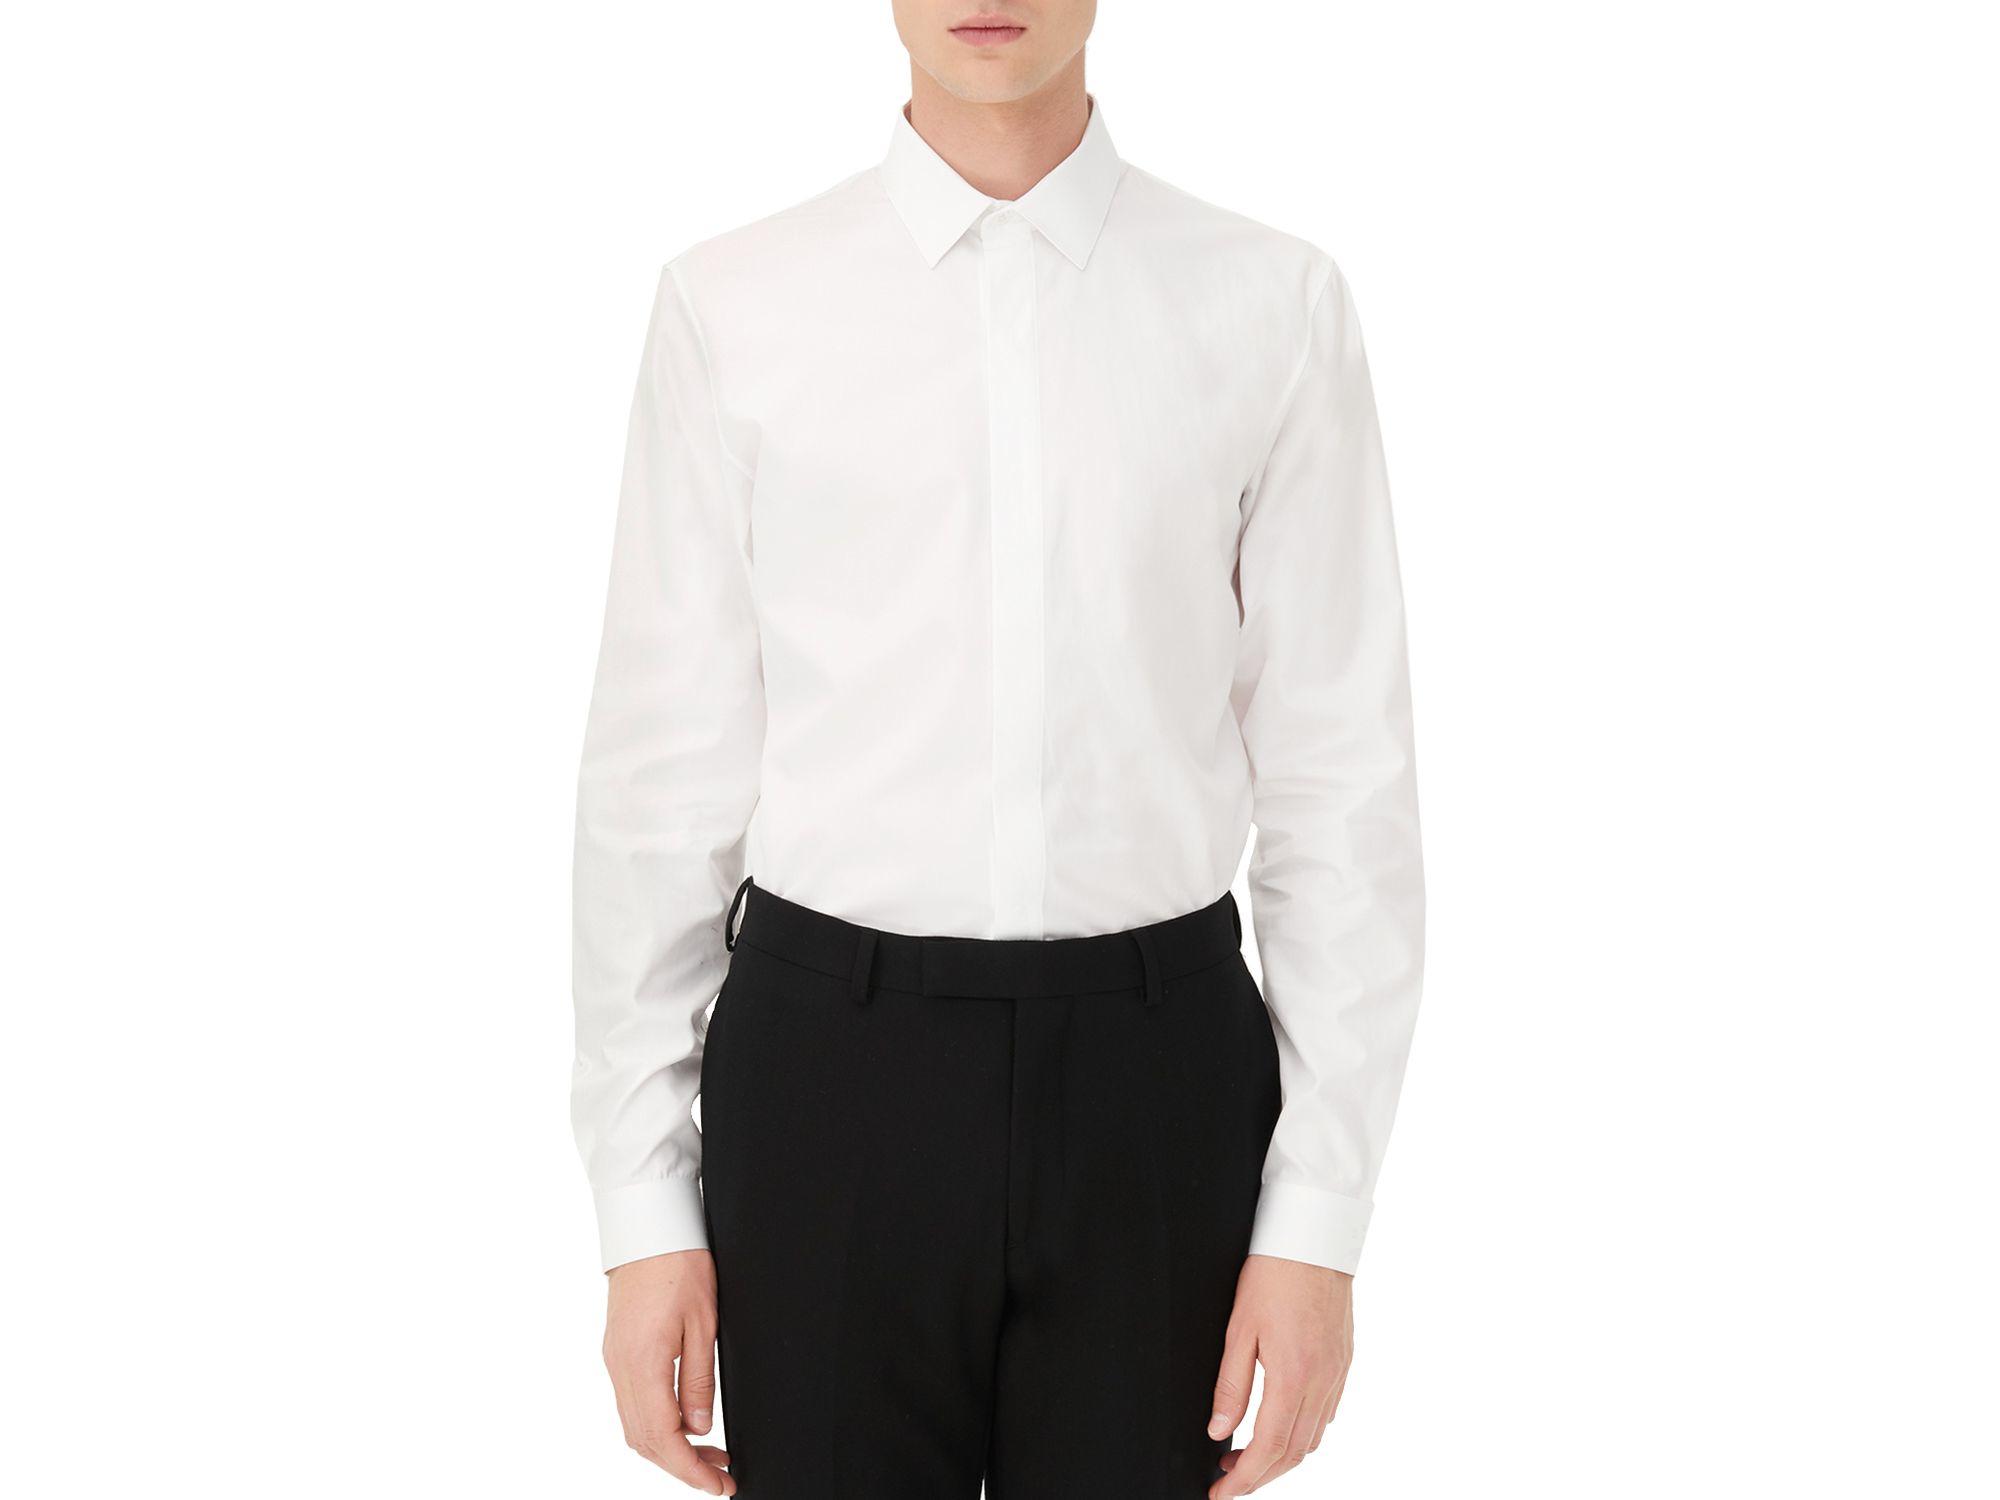 Sandro hidden slim fit button down shirt in white for men for Slim fit white button down shirt